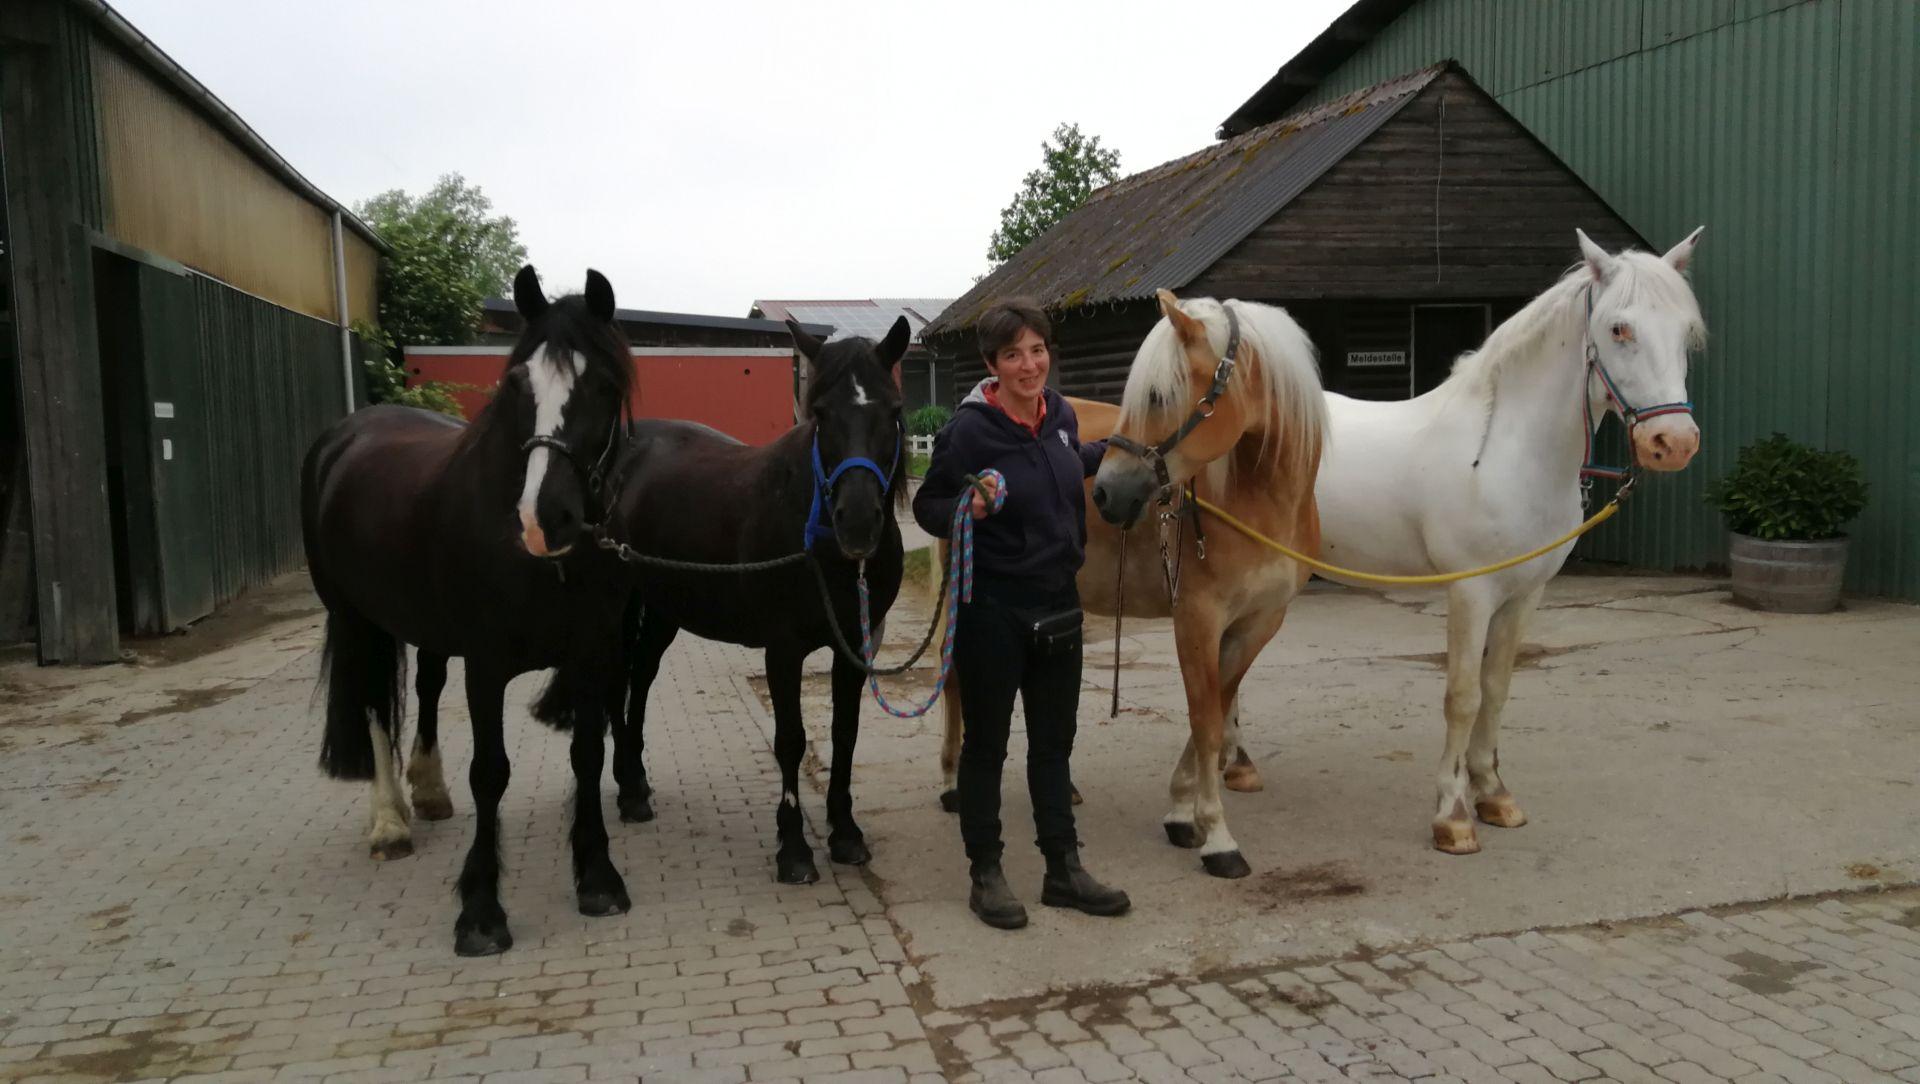 Anja Britt & Ihre Pferde